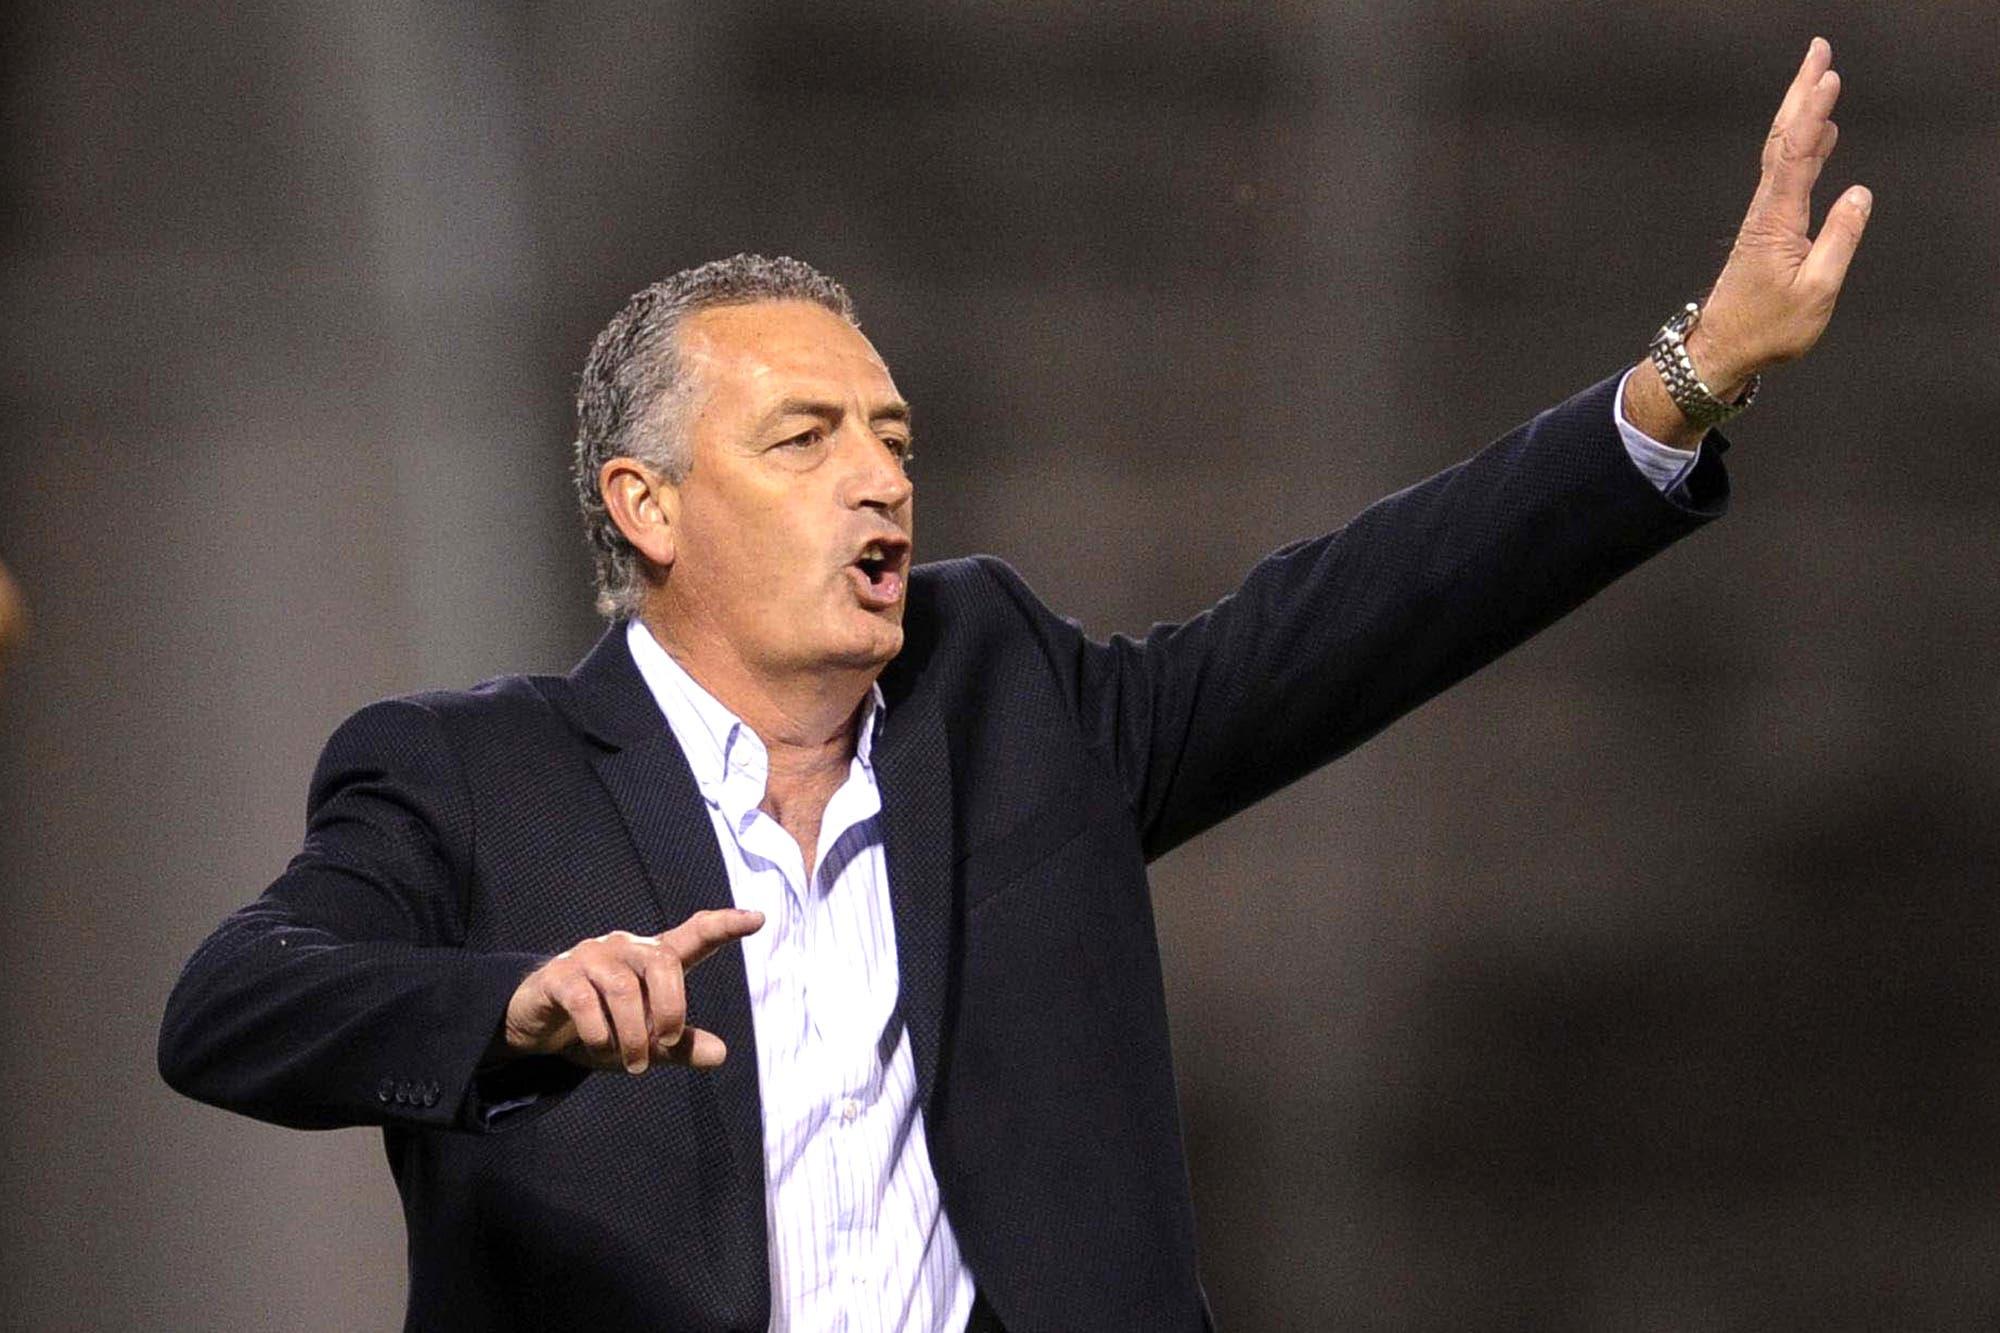 Gustavo Alfaro es el elegido para llegar a Boca: la llamada que convenció a Burdisso y cómo será la negociación